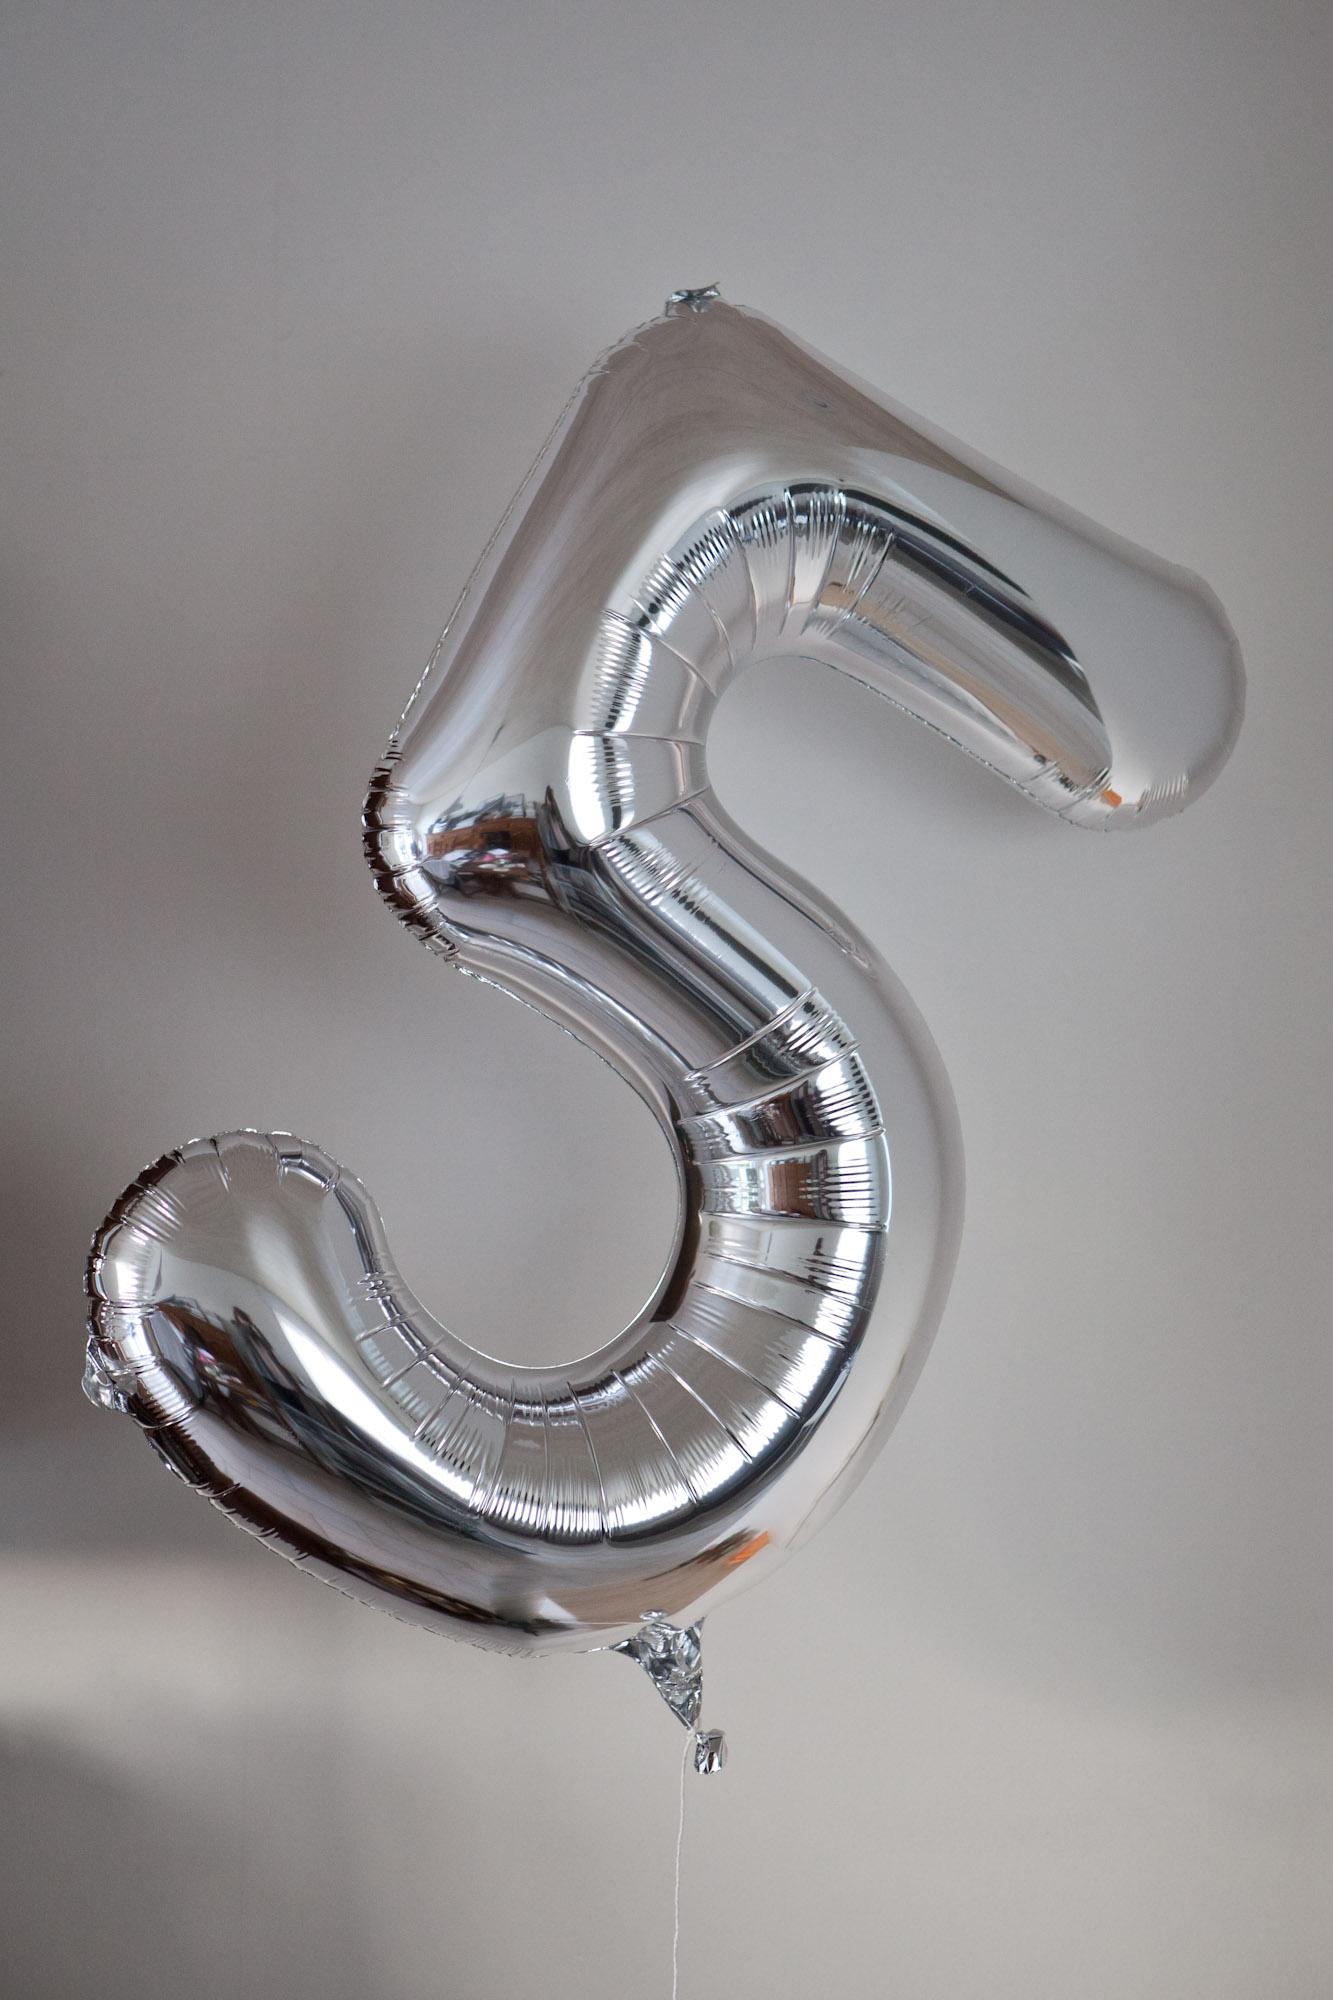 vijf jaar!